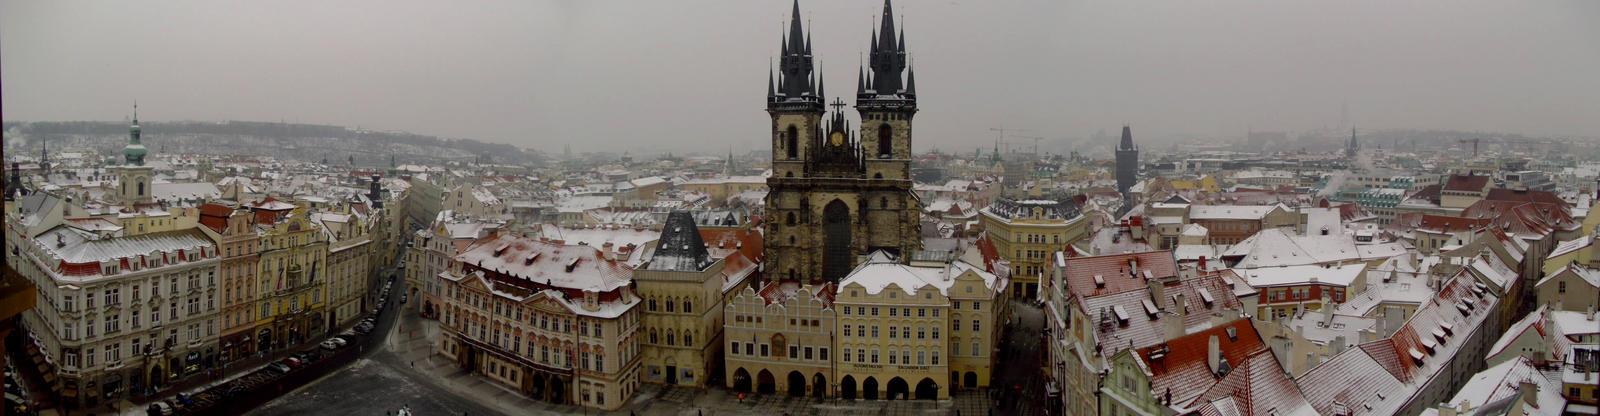 Prague Panoramio by vladioglas